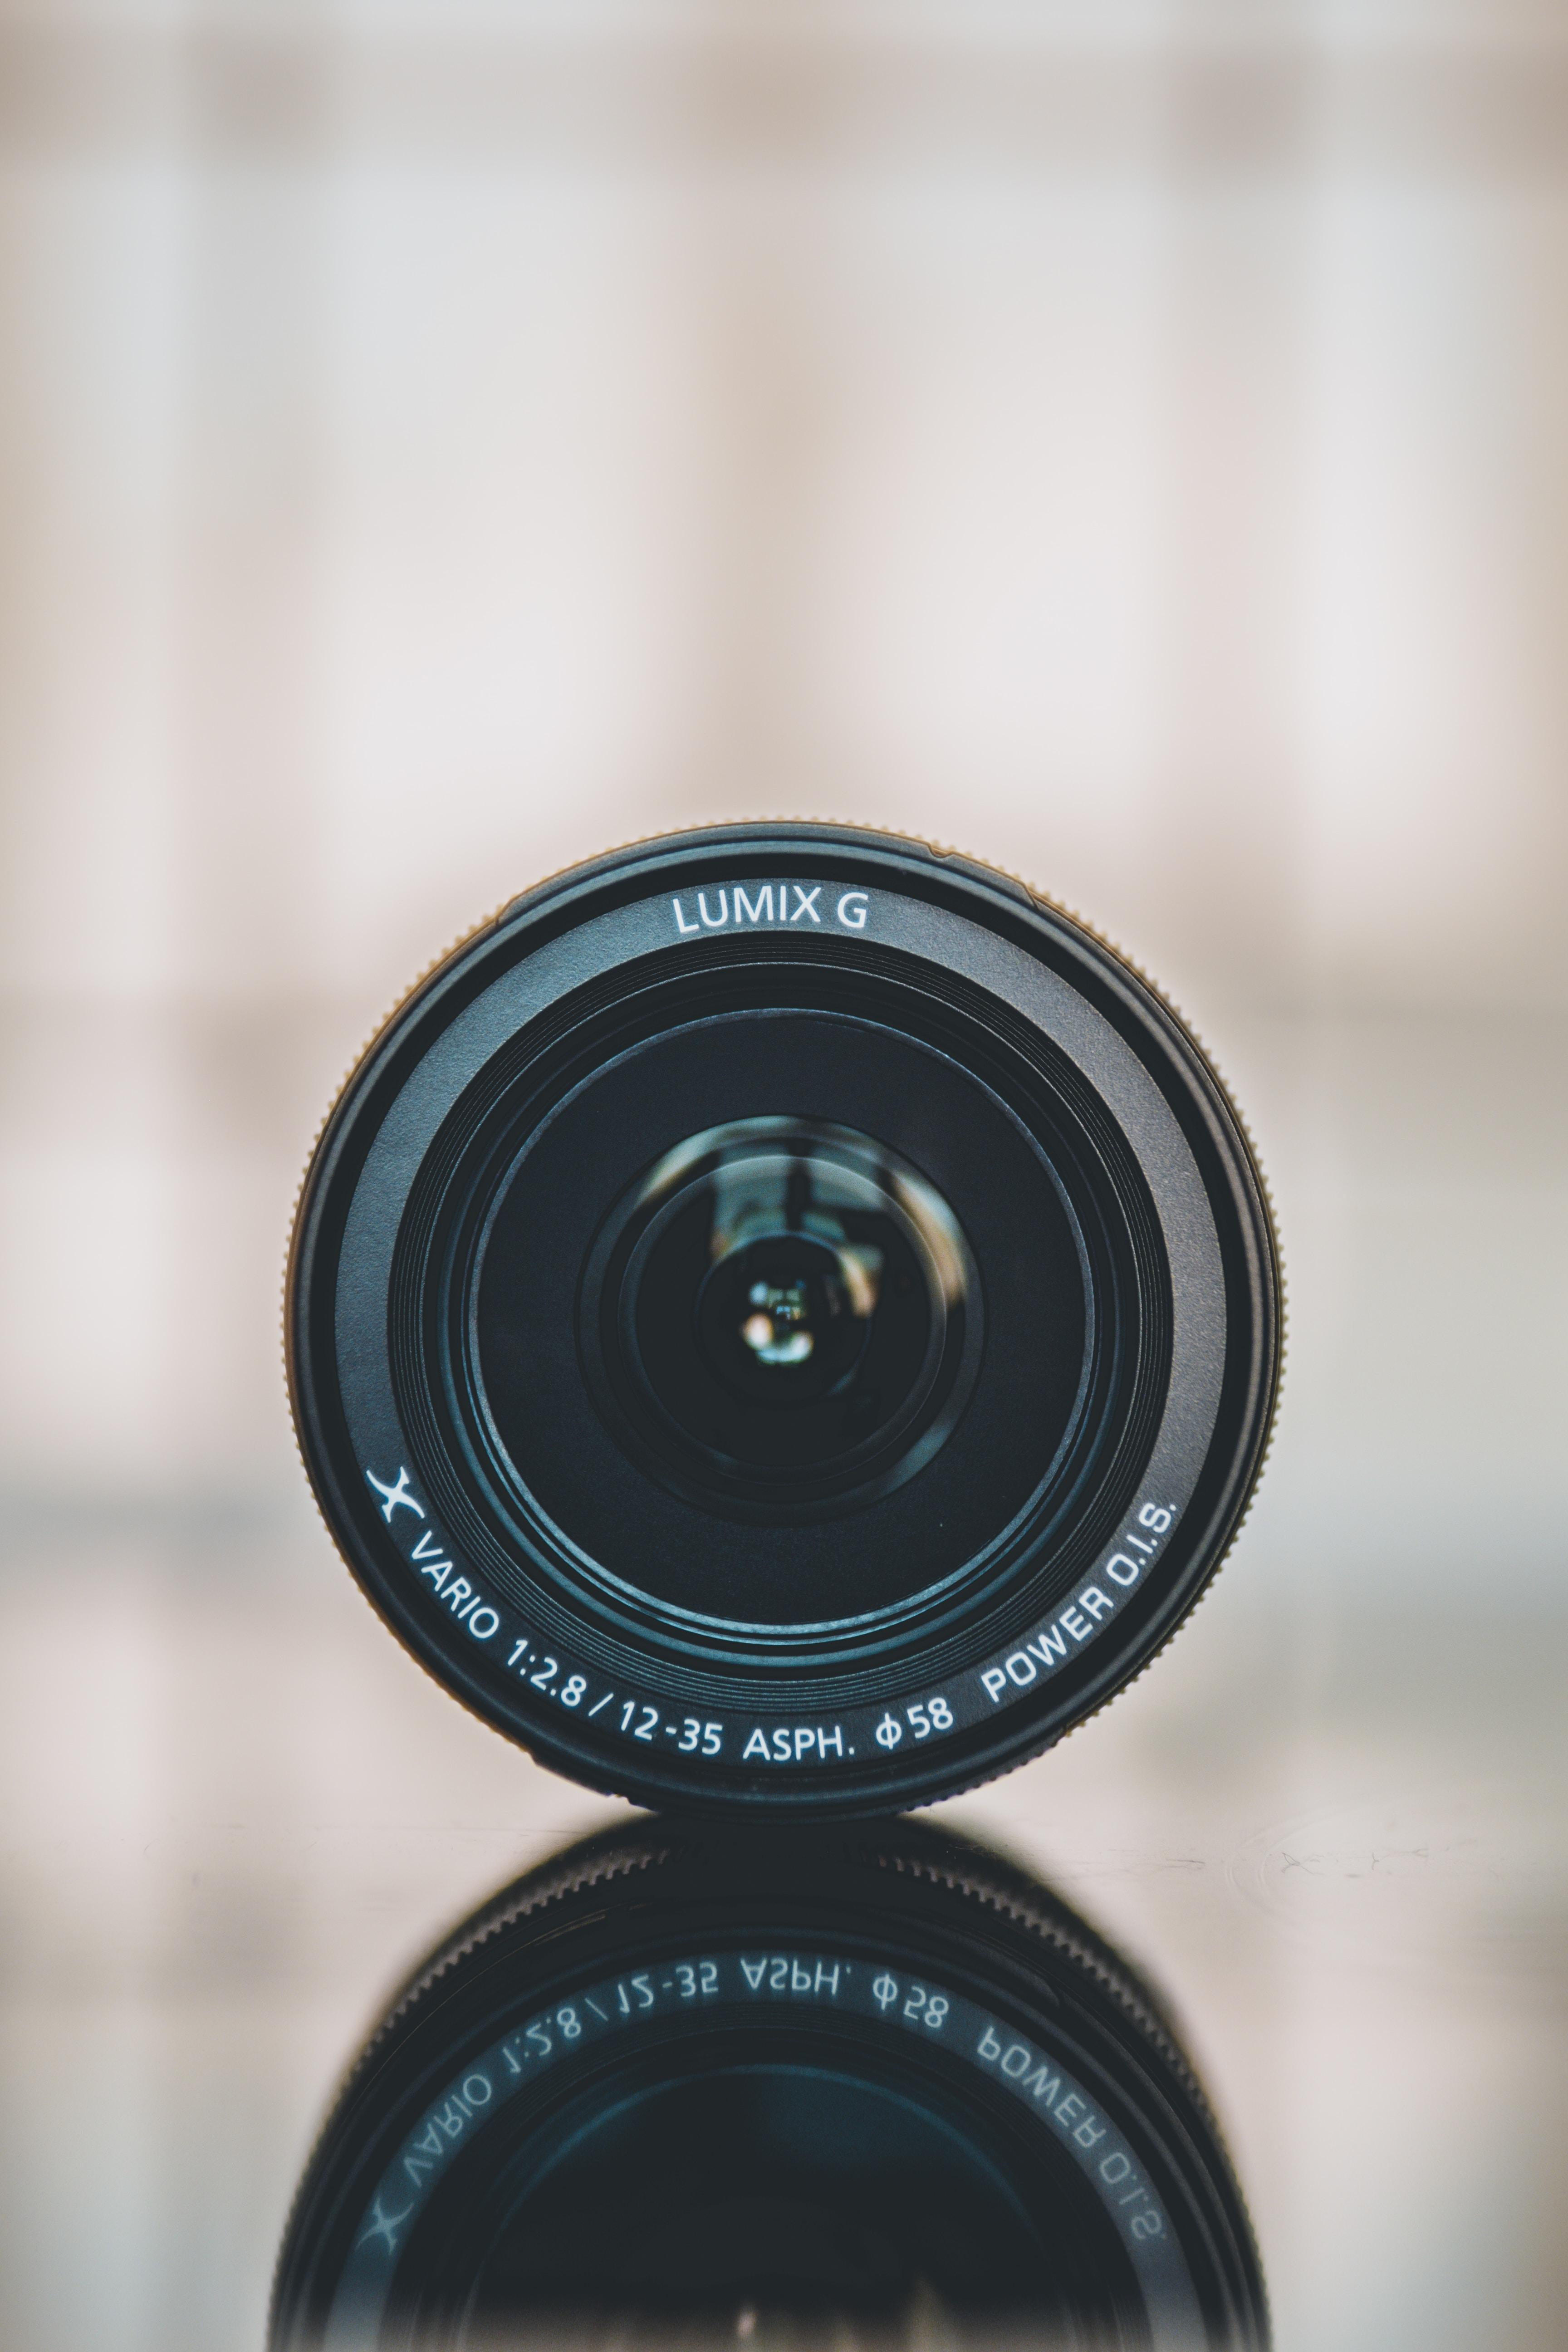 Lumix camera lens